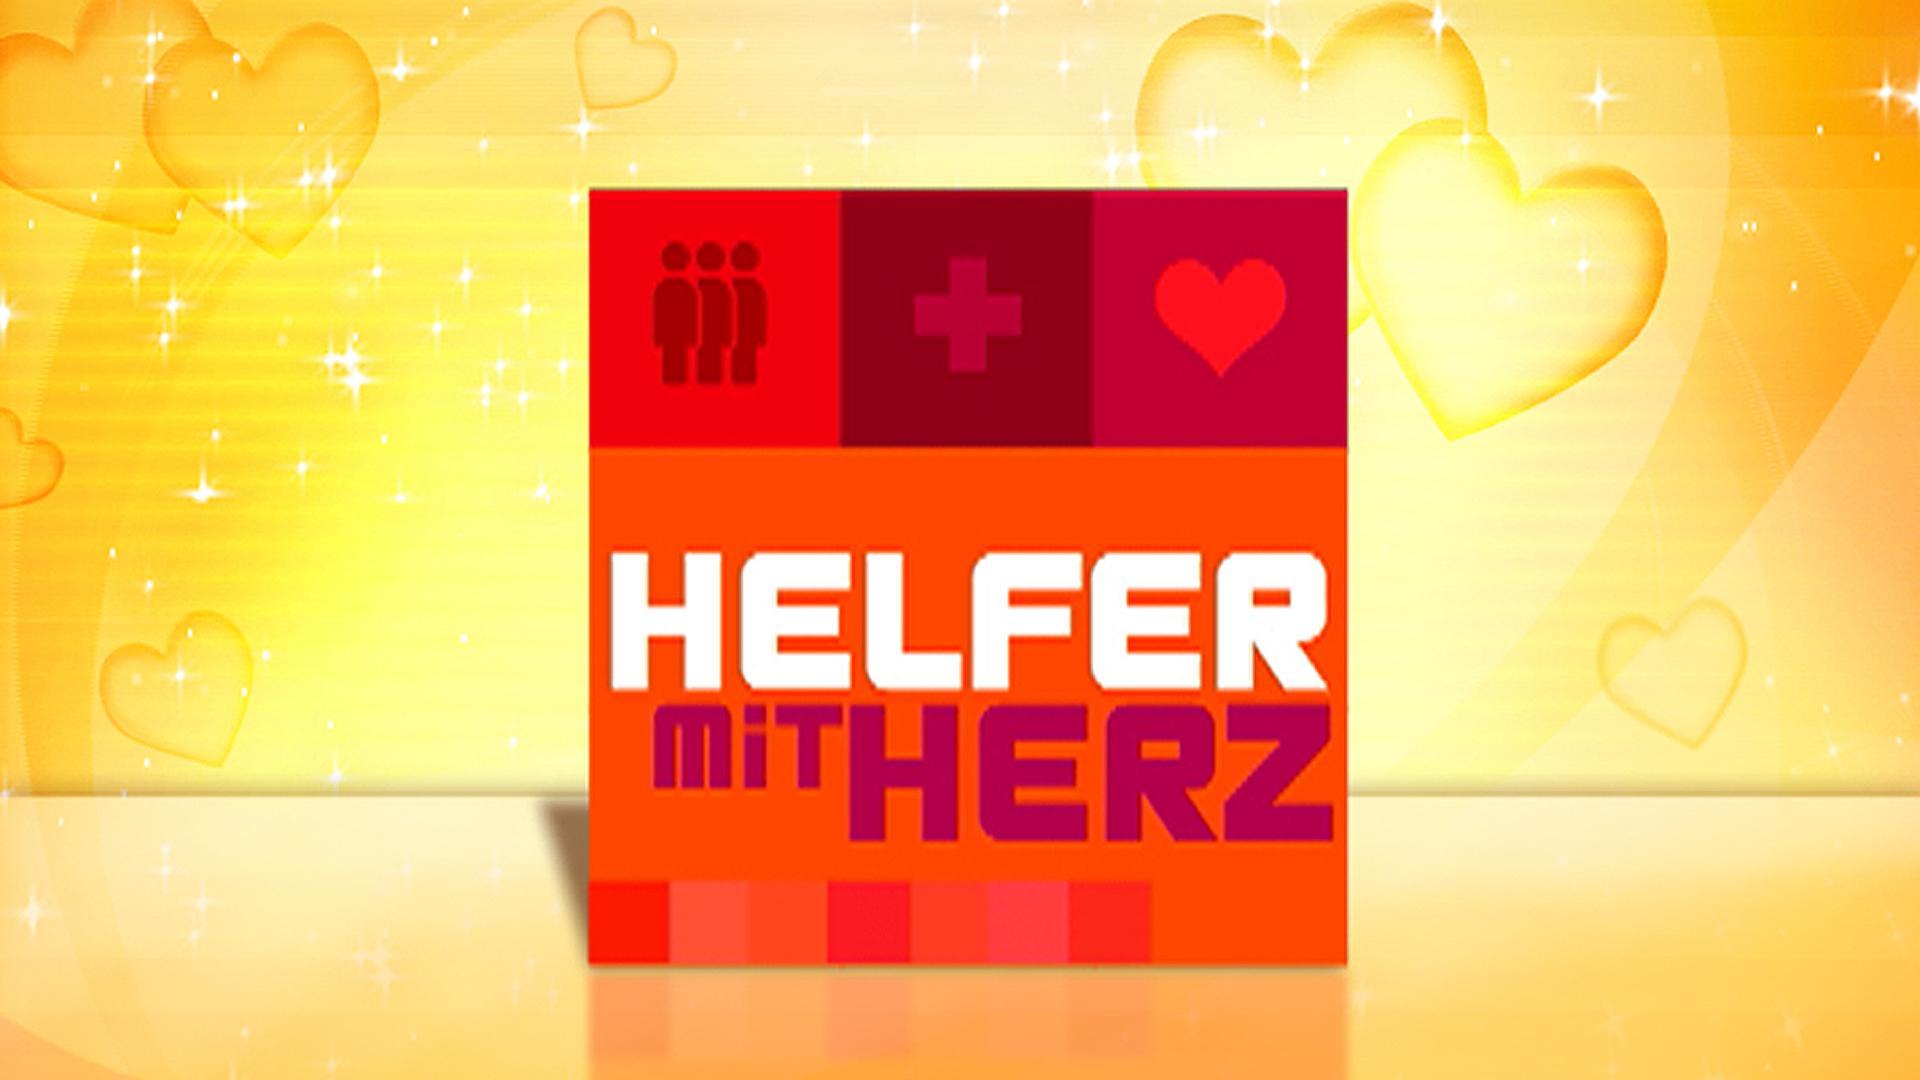 Helfer mit Herz